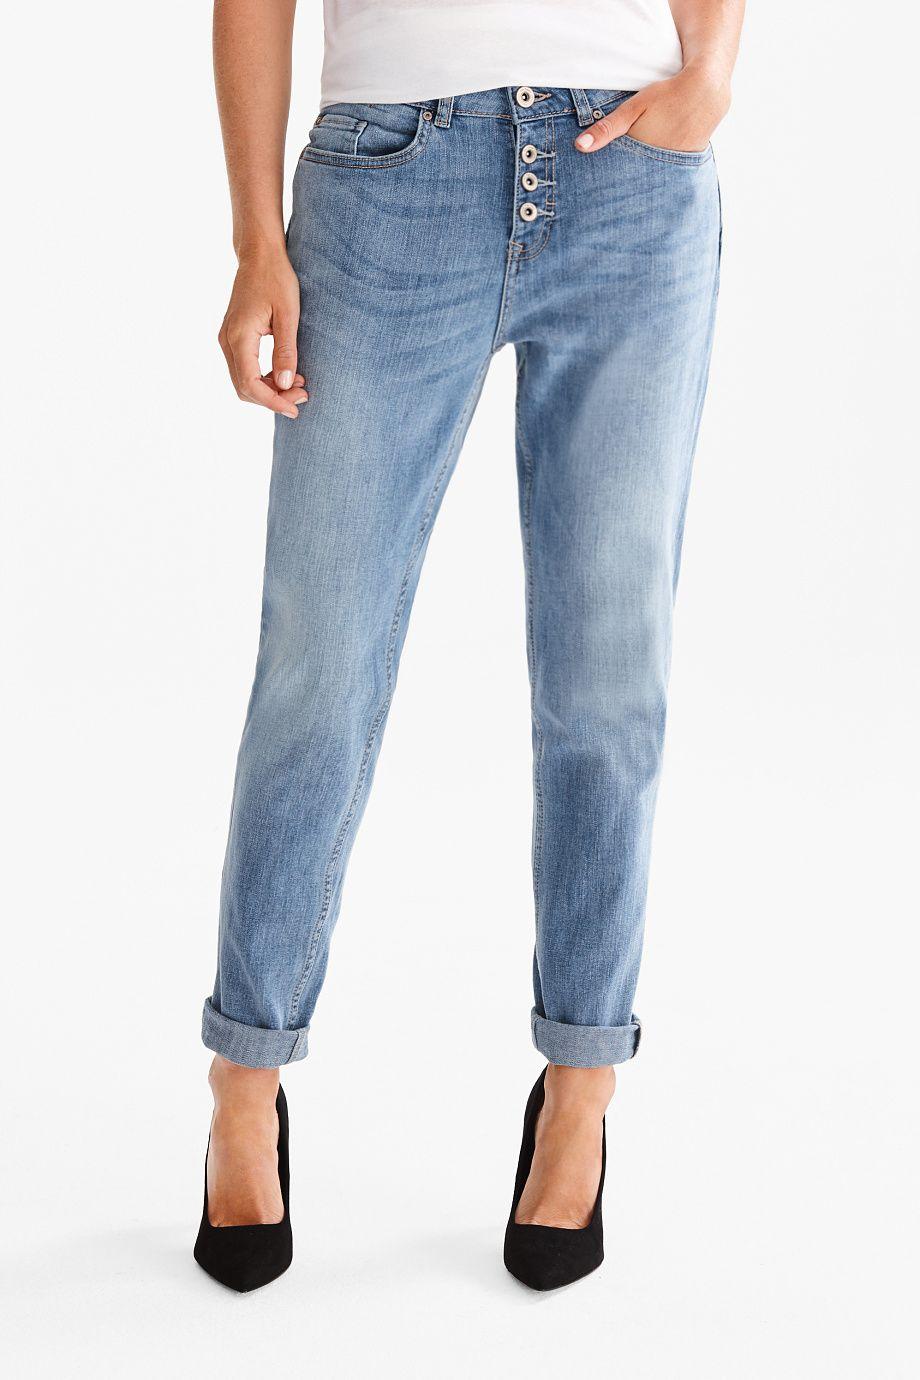 The Girlfriend Jeans Ropa Casual Pantalon Vaquero Vaqueros Azules